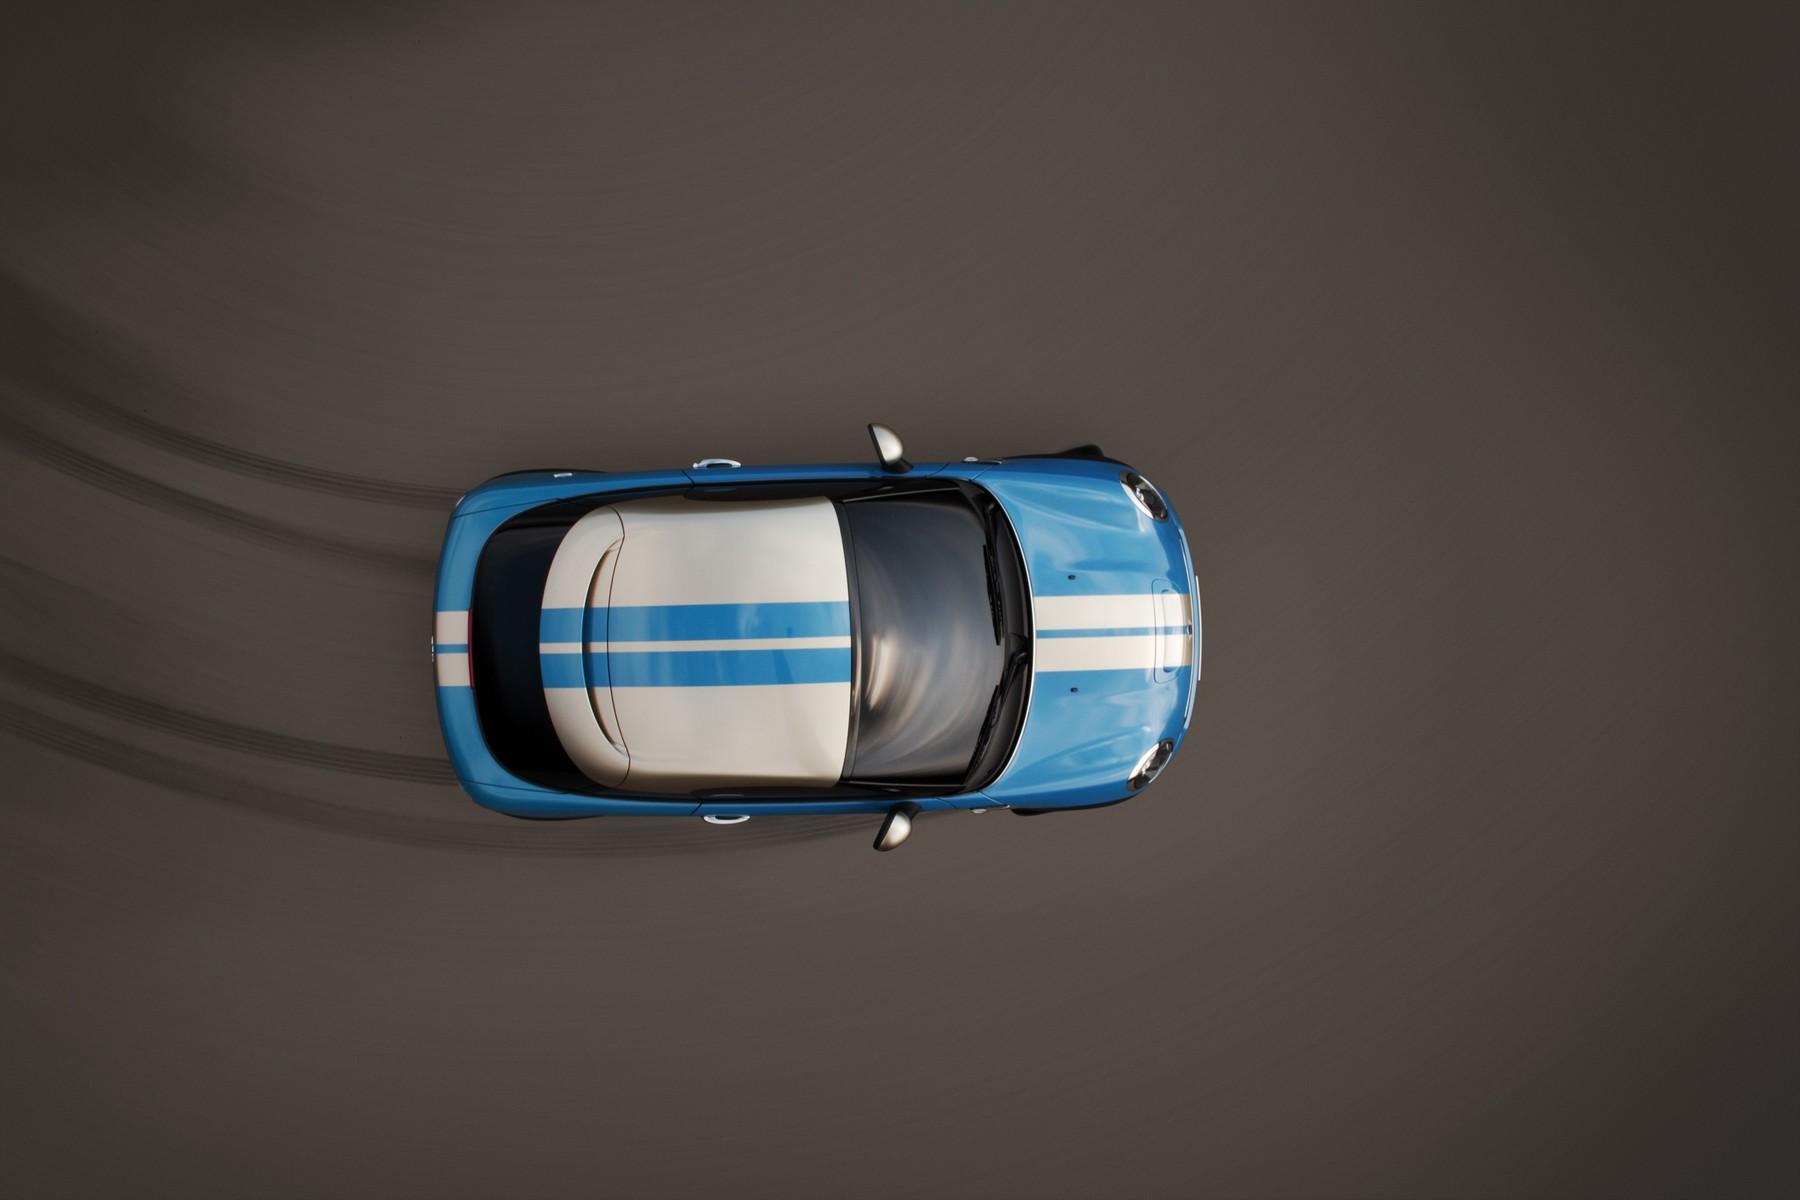 mini coupe concept big 3100x206714 1900x1200